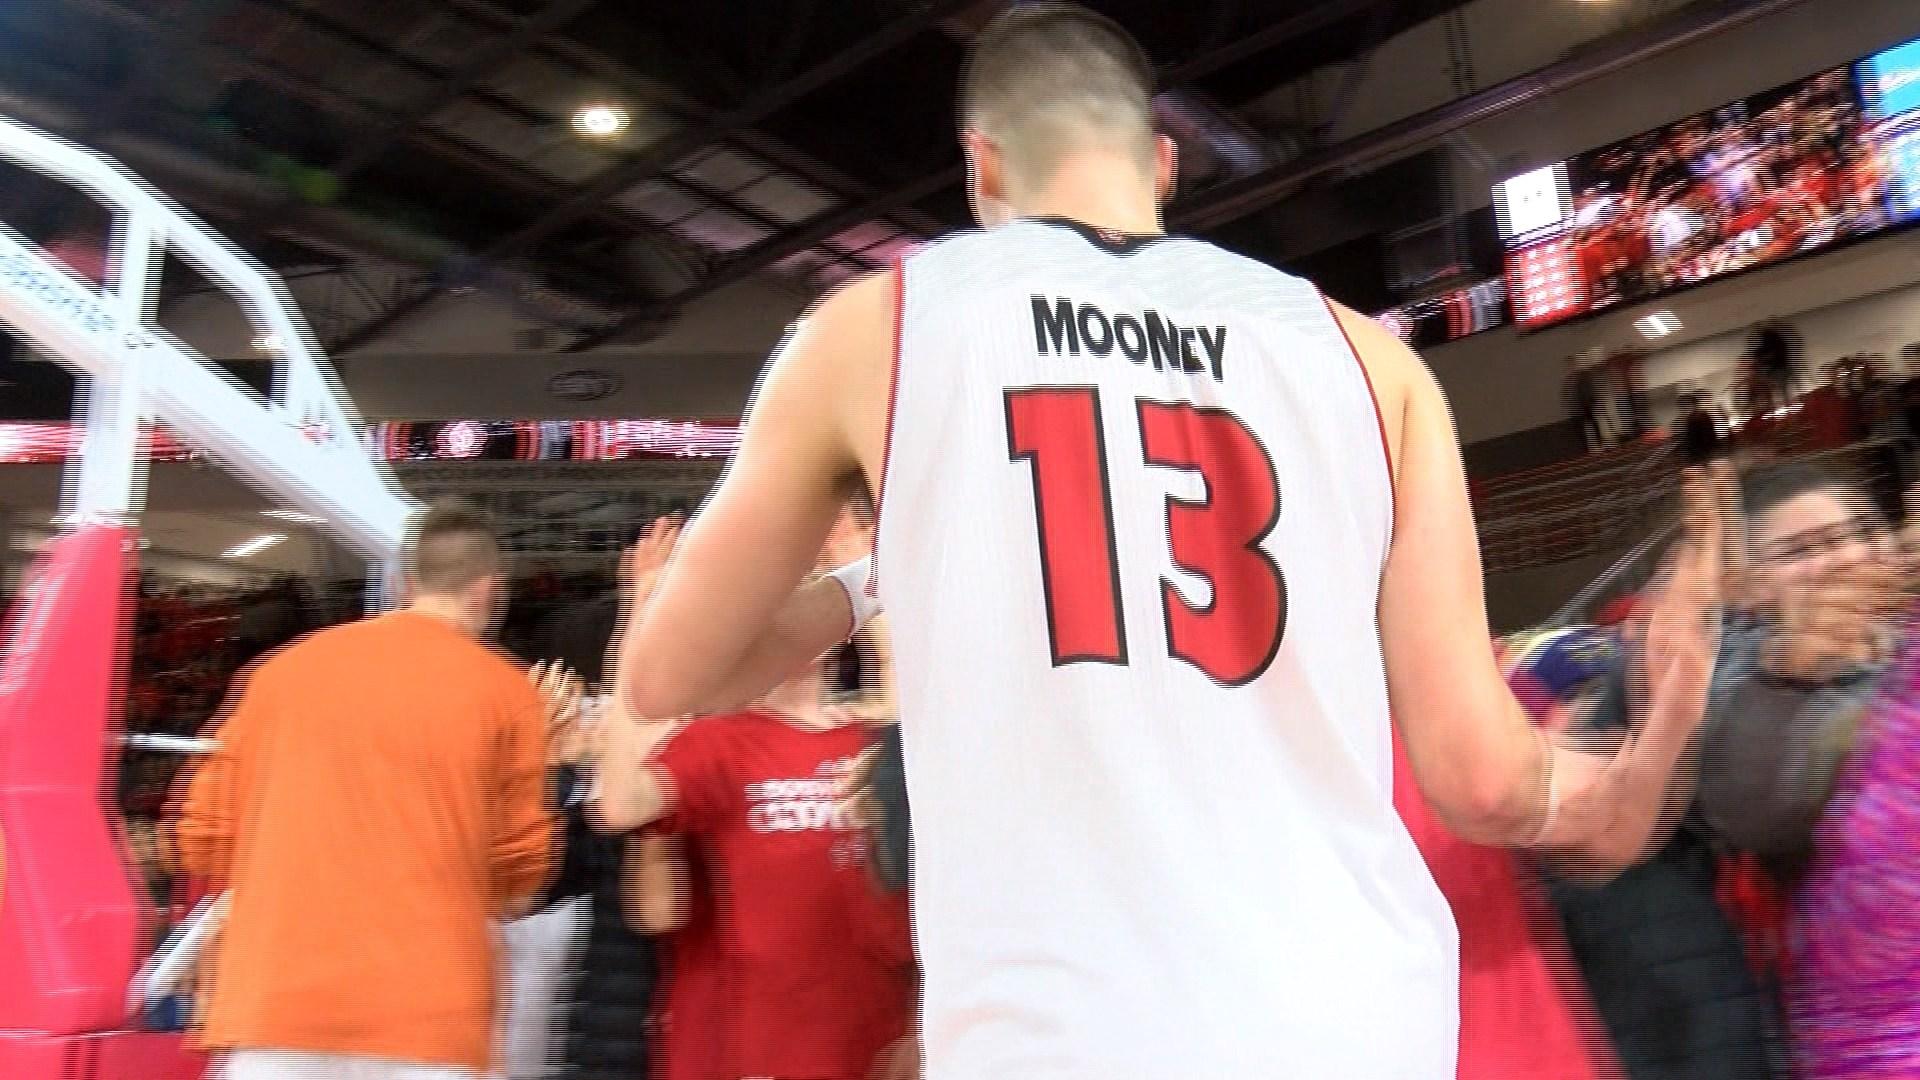 Matt Mooney scored 18.7 points per game for South Dakota last season.